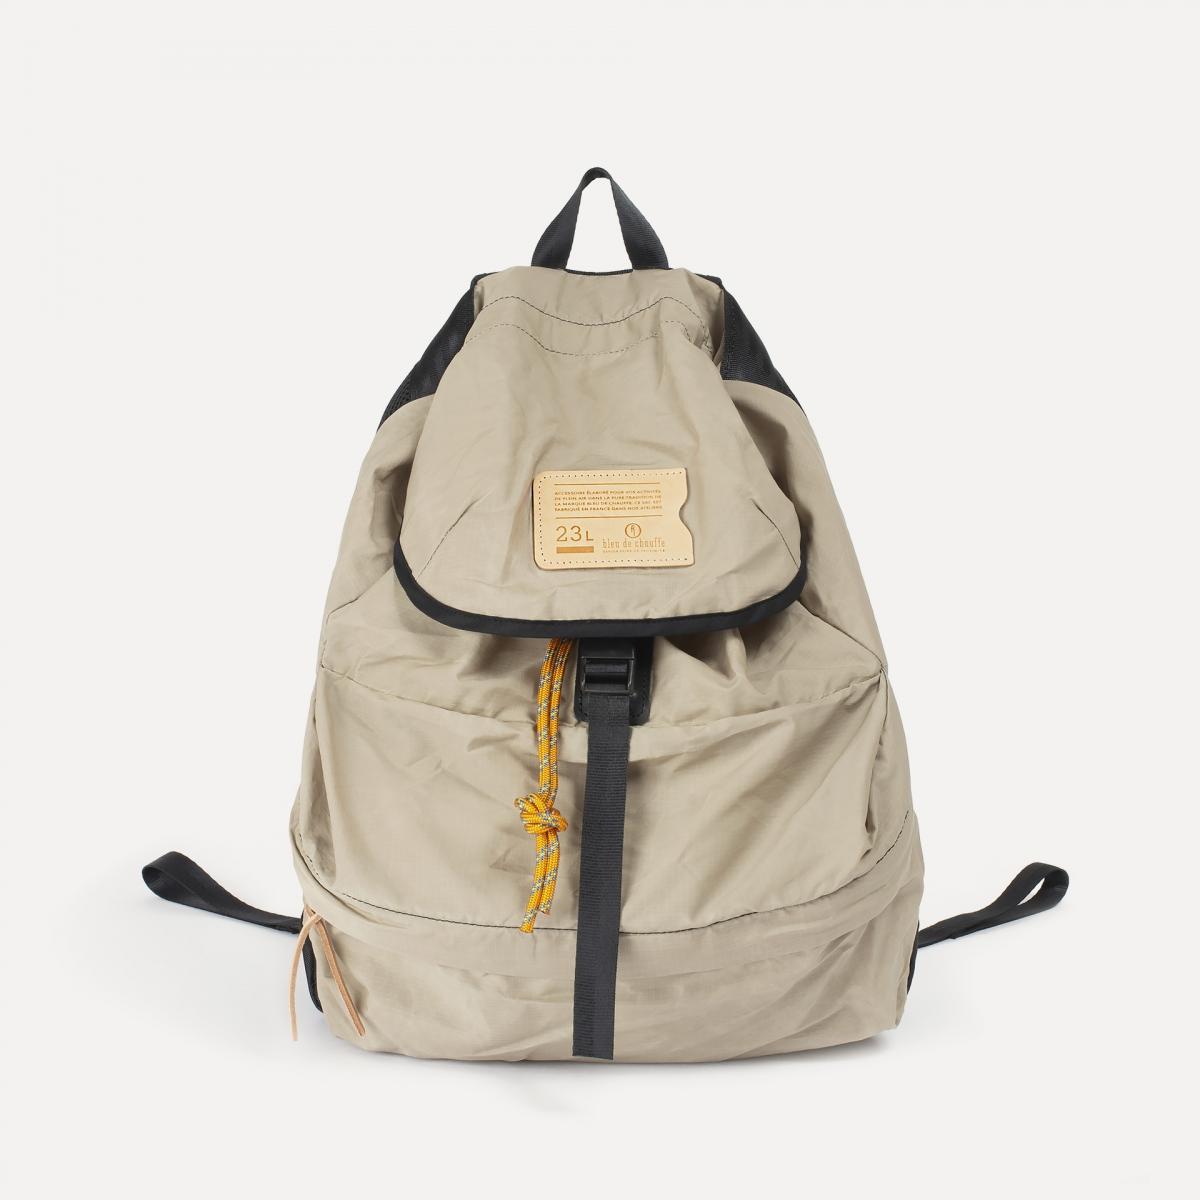 23L Bayou Backpack - Beige (image n°1)